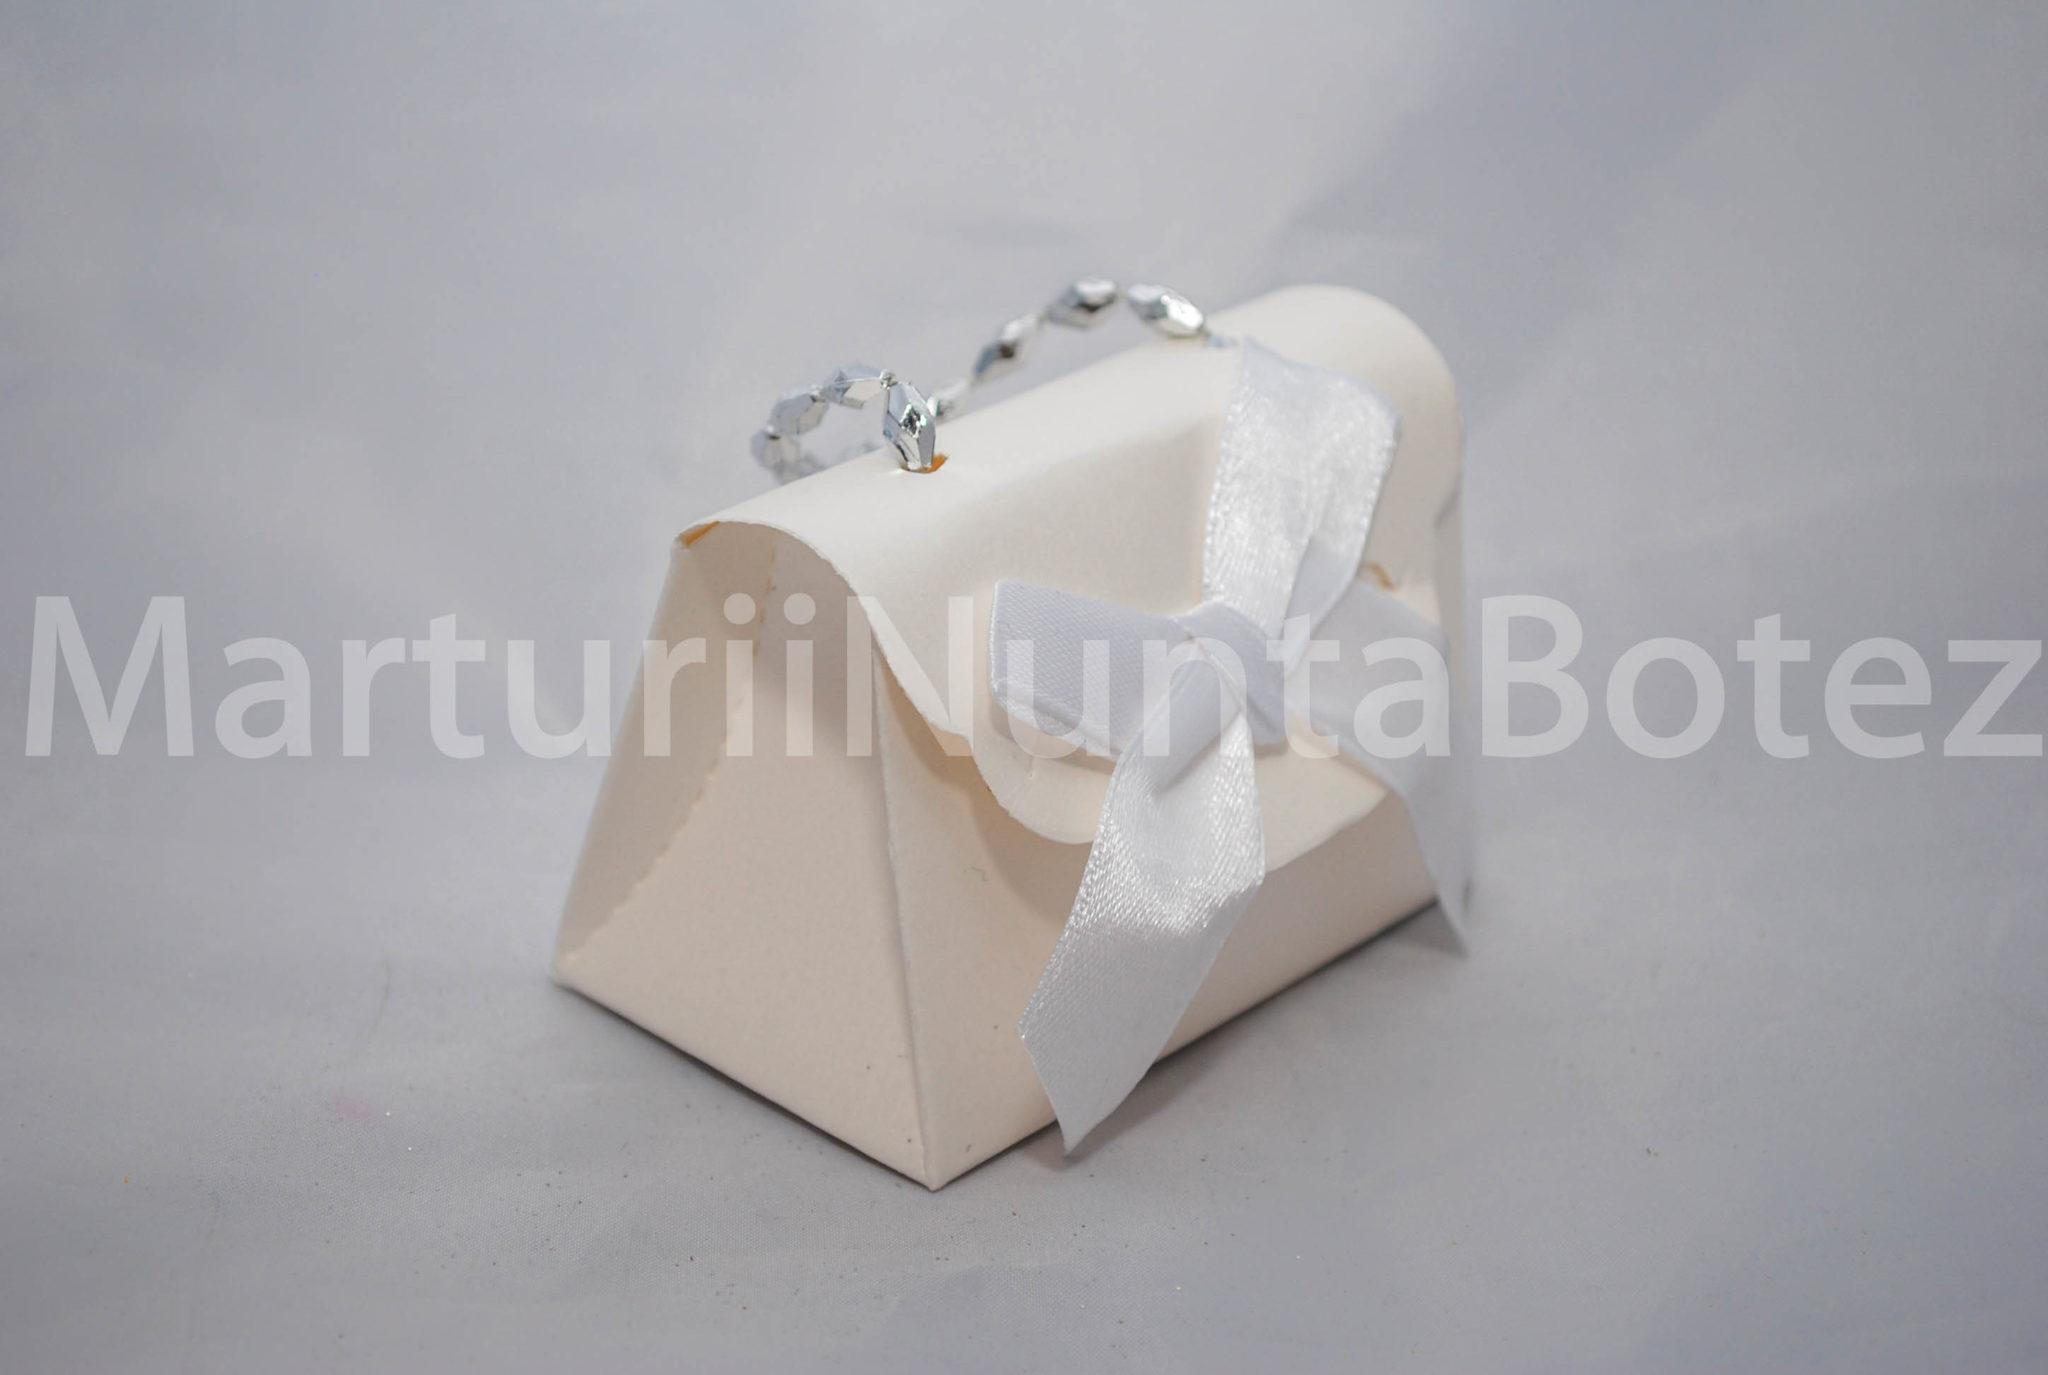 marturii_nunta_marturie_botez_cutie_carton_forma_gentuta_cinci_culori7